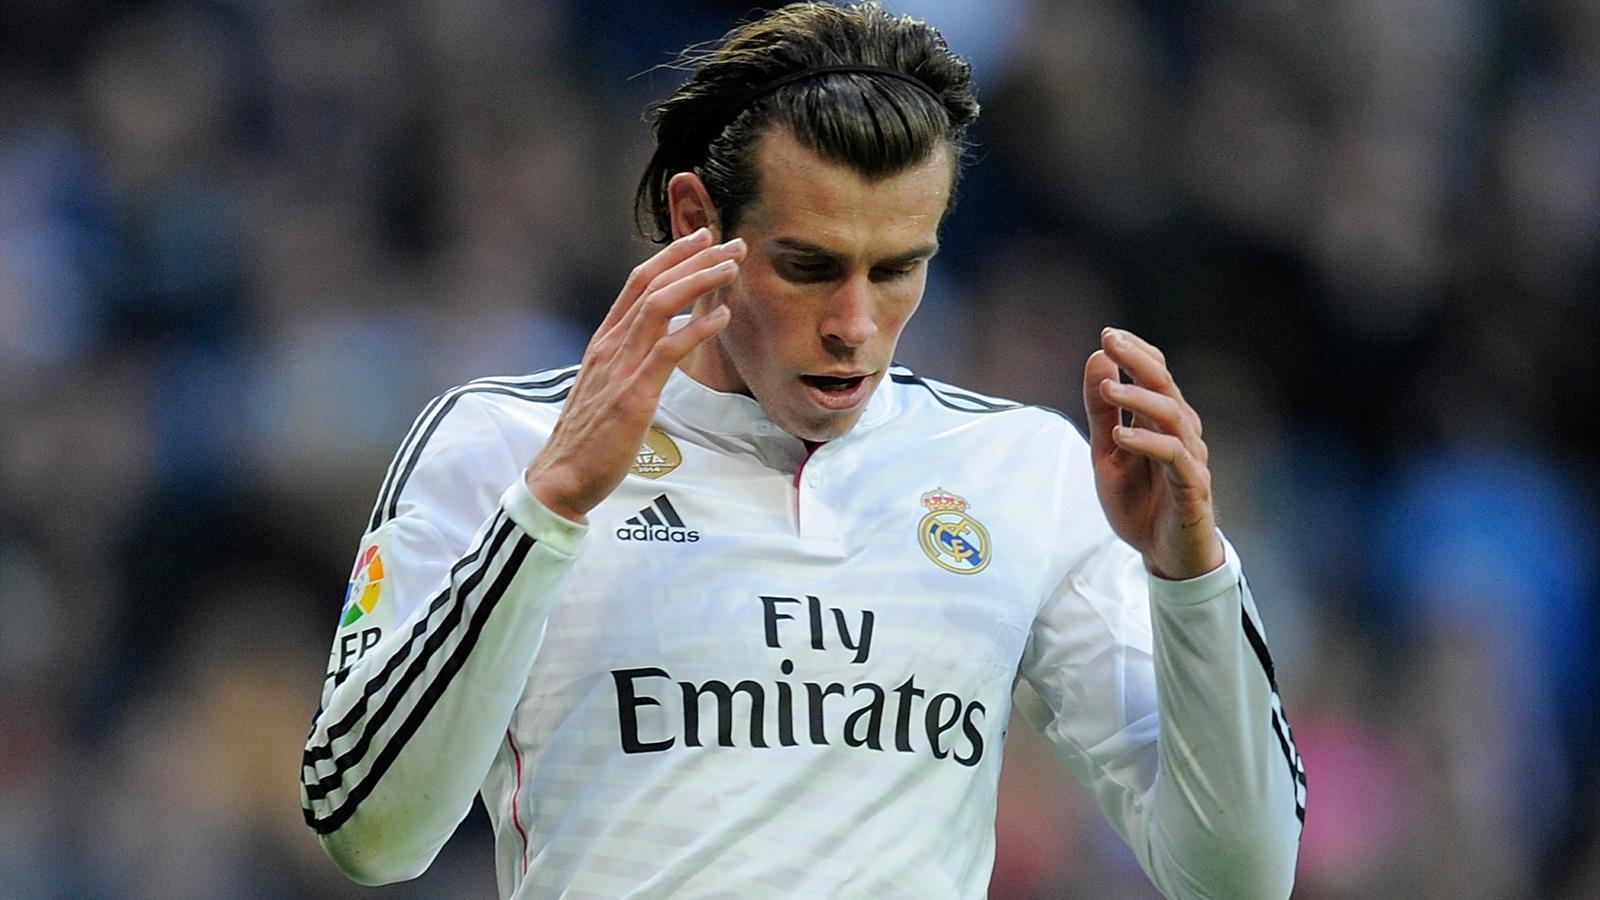 Реал установил ценник на Гарета Бэйла